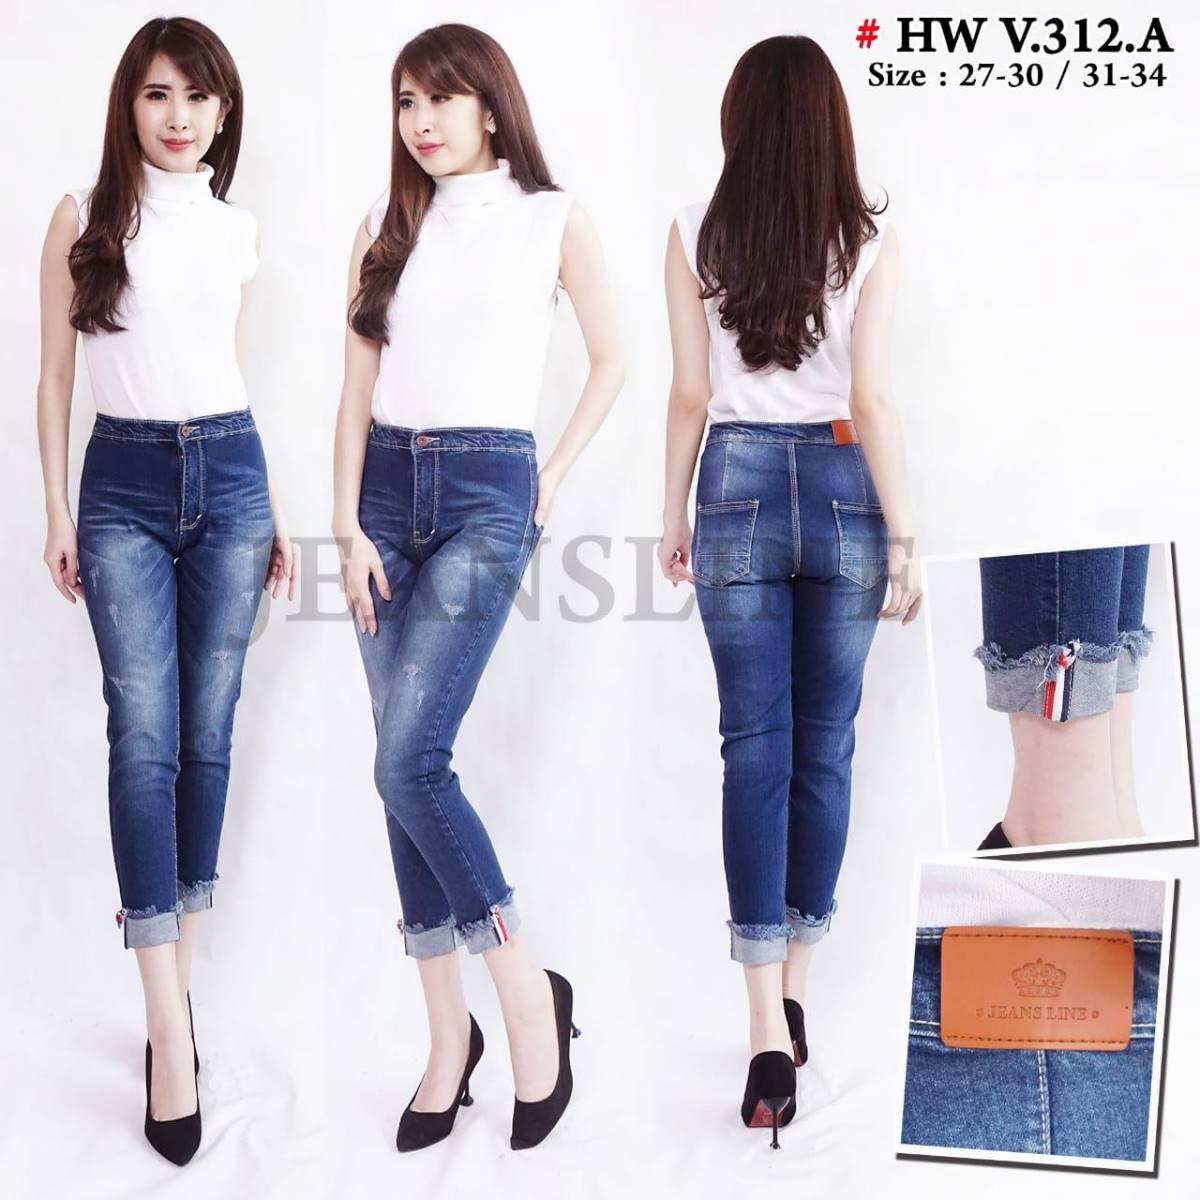 Celana Panjang Jeans Wanita - Paket 12 Pcs (size 31, 32, 33, 34)